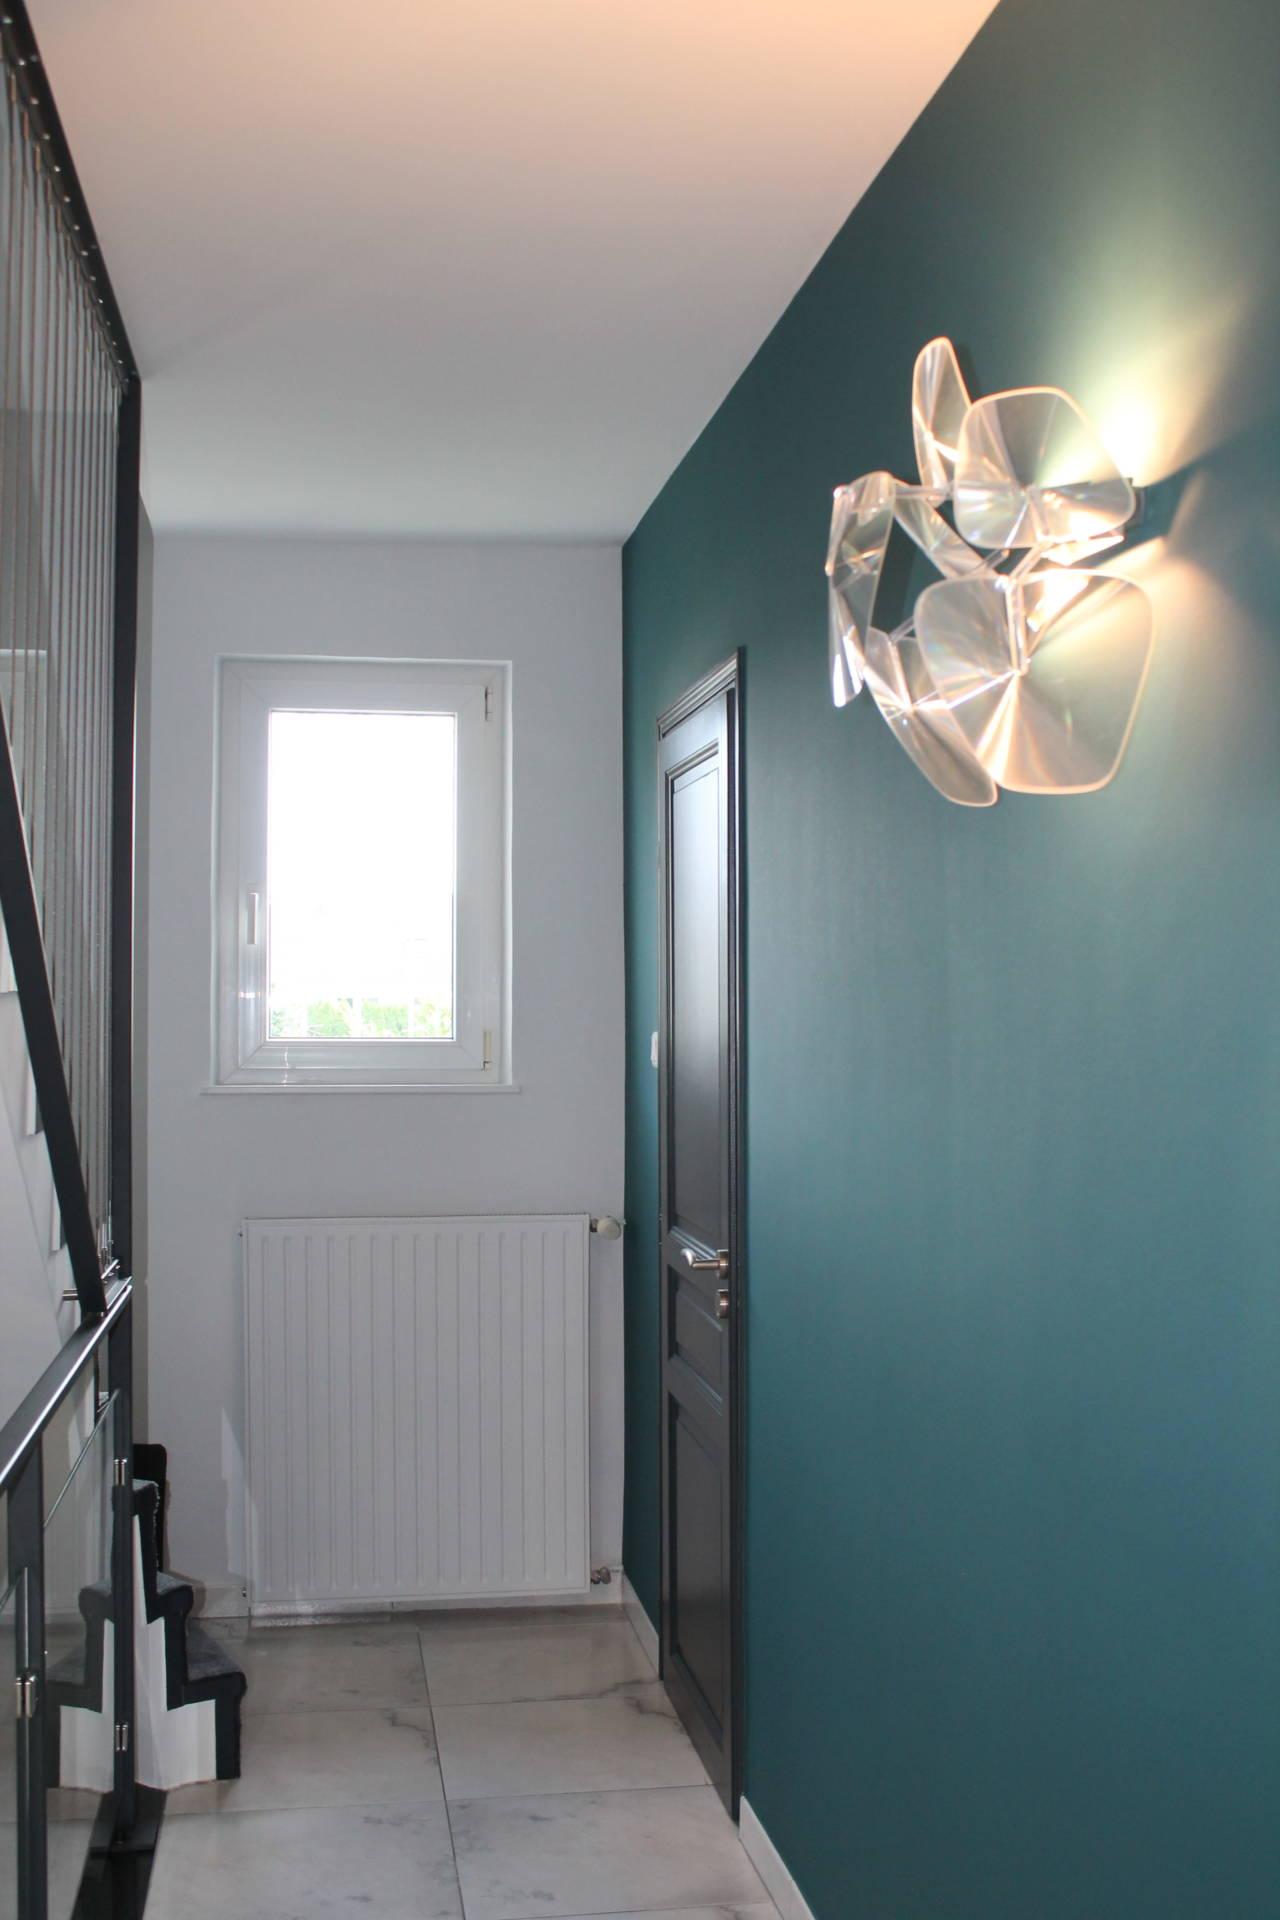 Rénovation pièces à vivre Colmar, par Inspiration Design, Décoration intérieure à Colmar